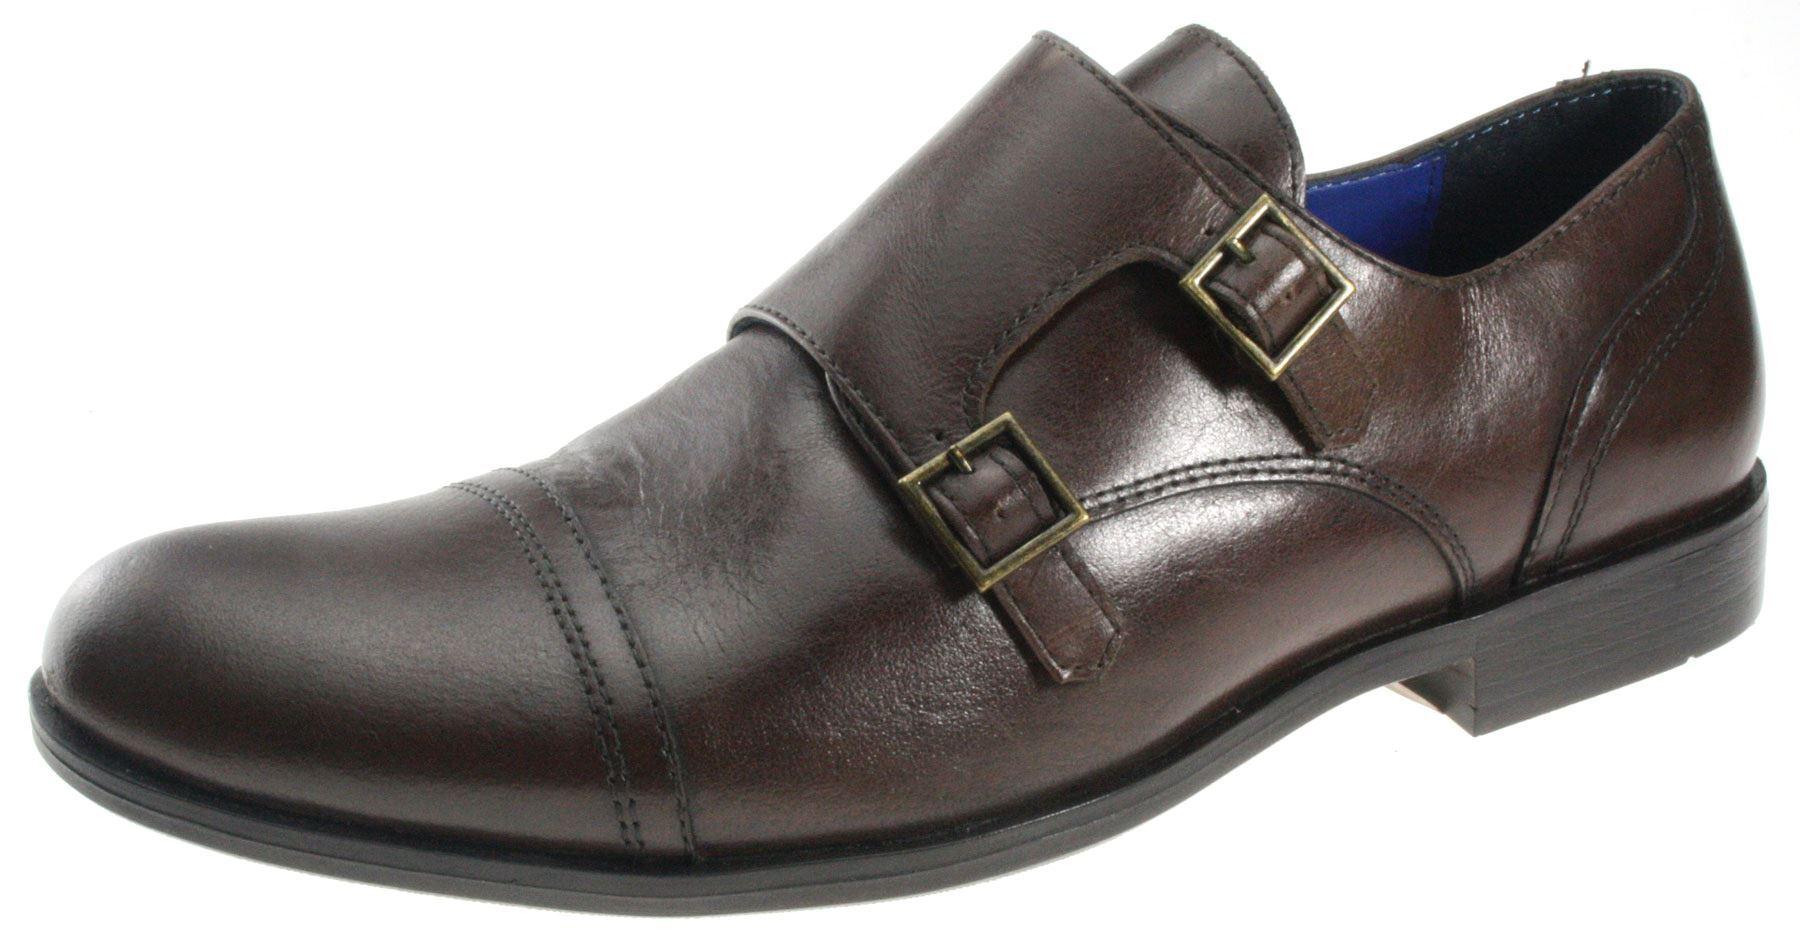 Zapatos negros con hebilla formales Red tape para hombre FGGo47sK